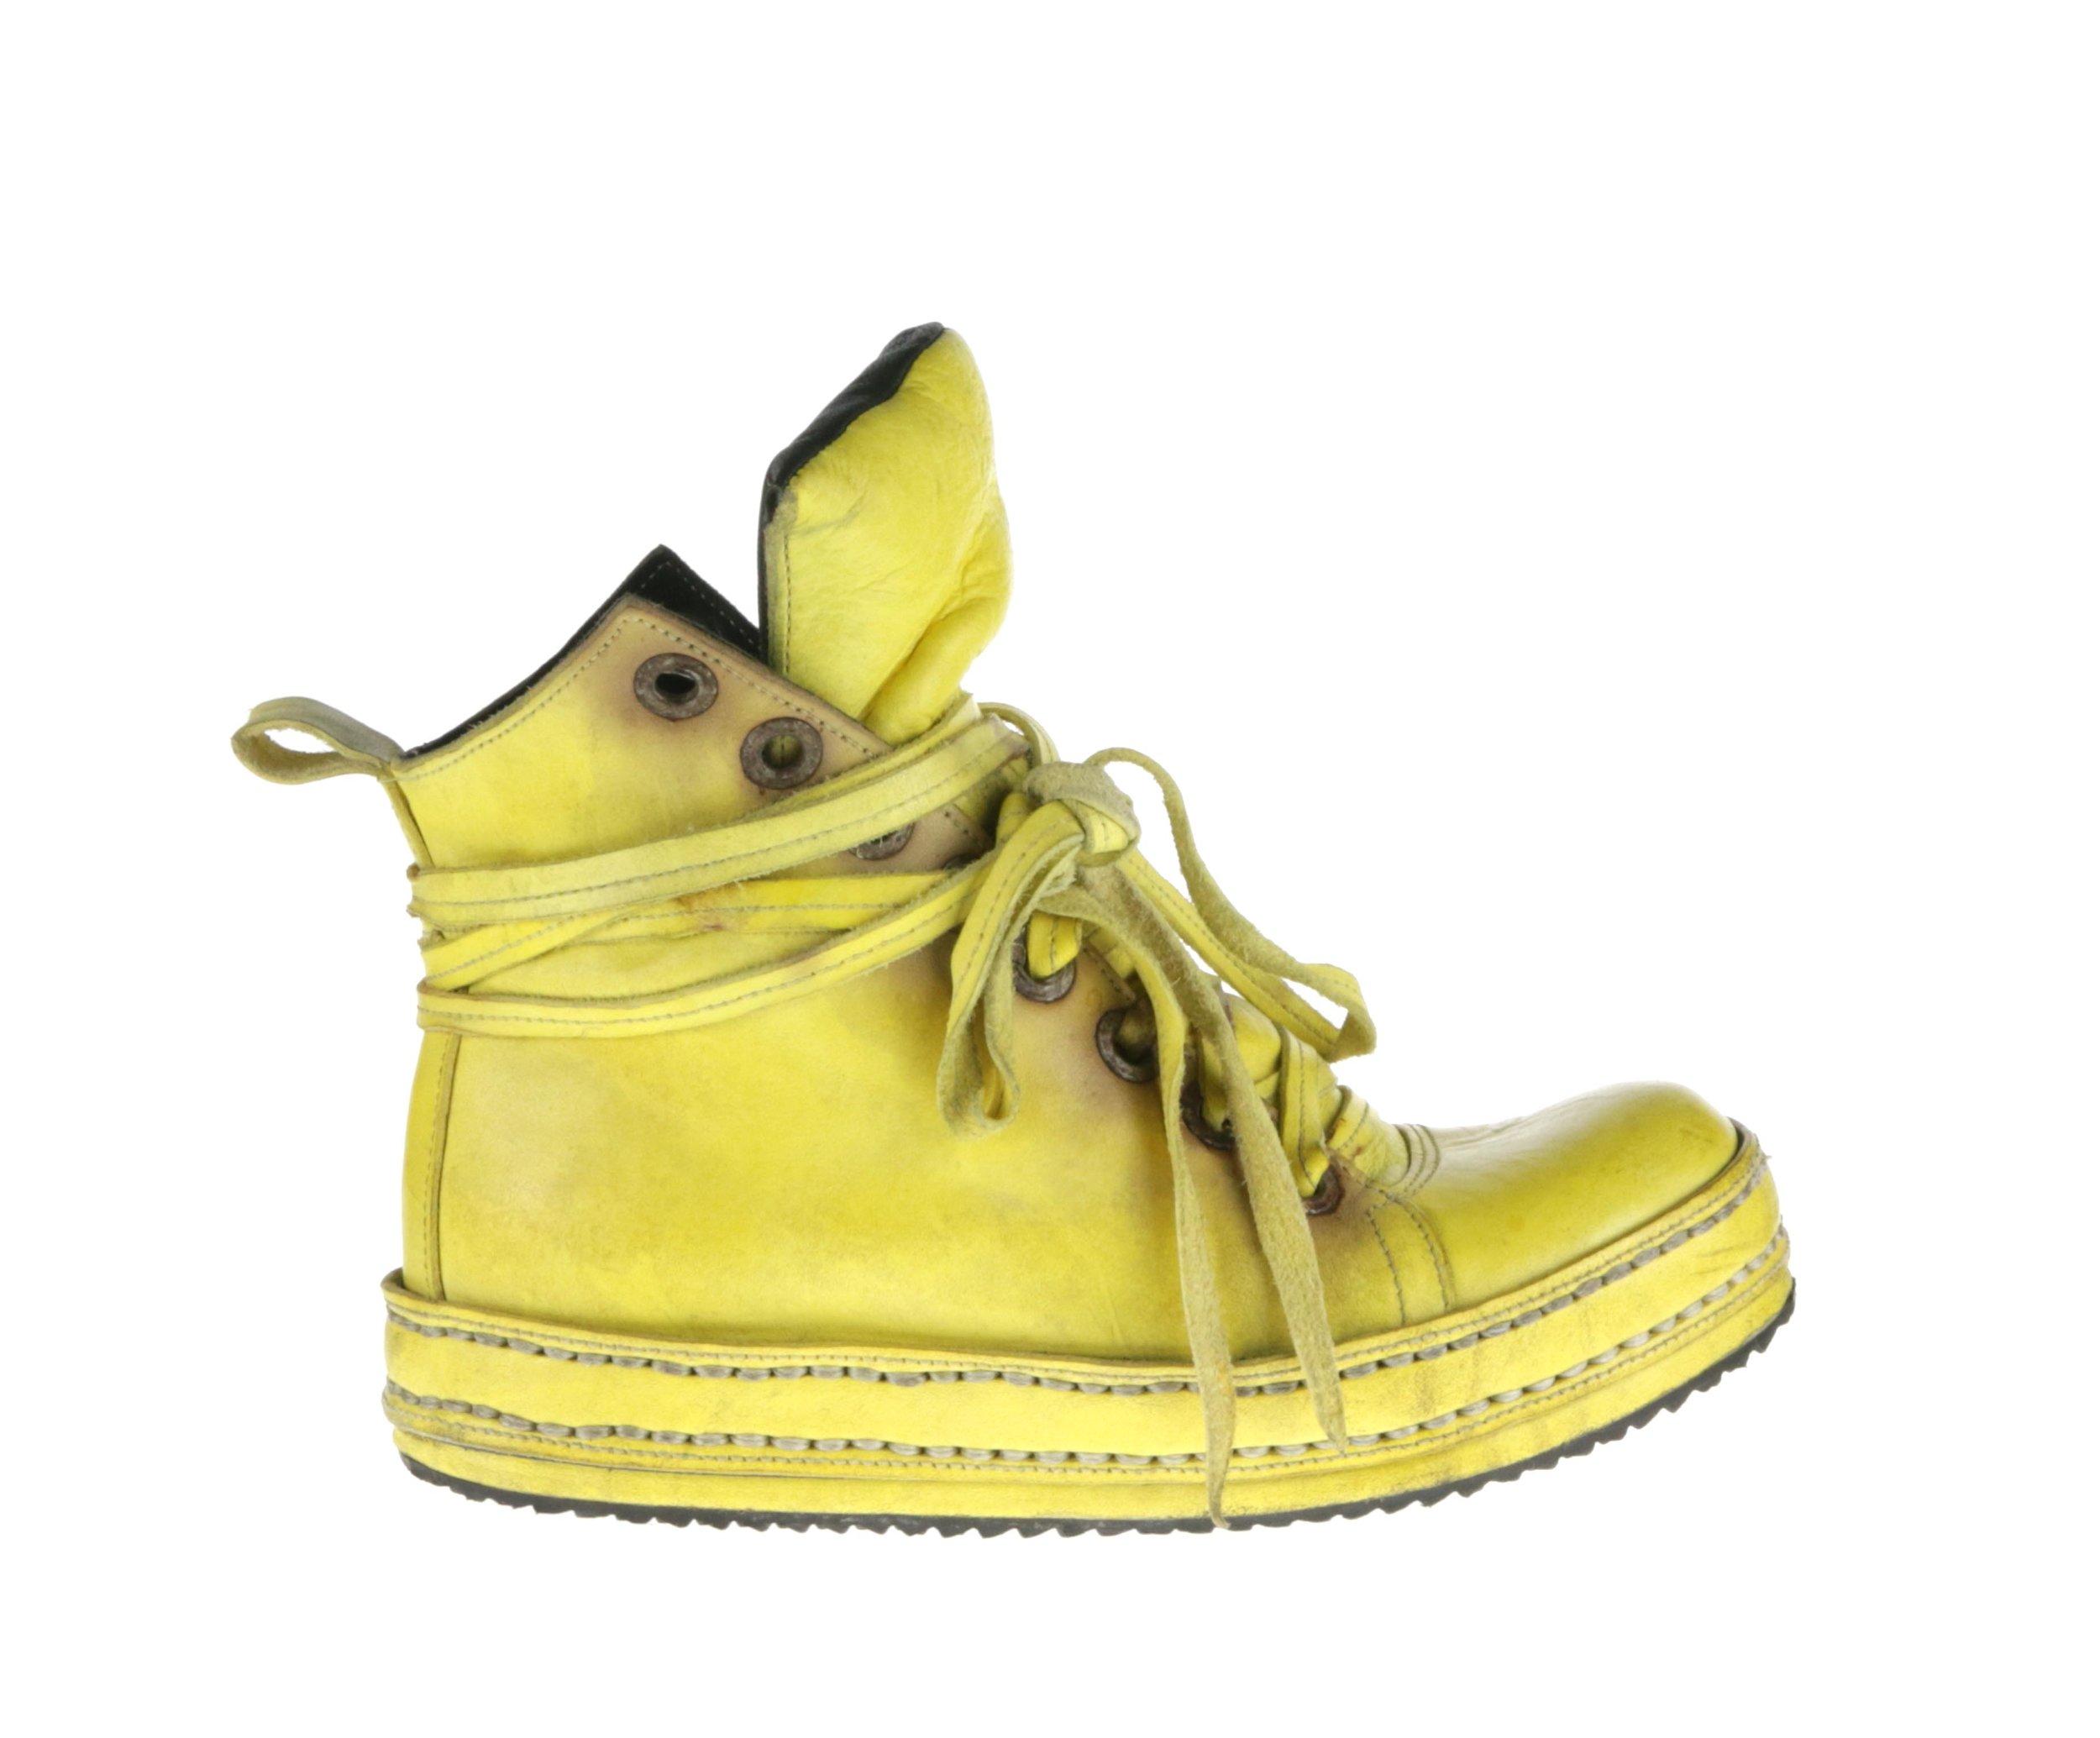 8Hole LB Yellow Outside.jpg